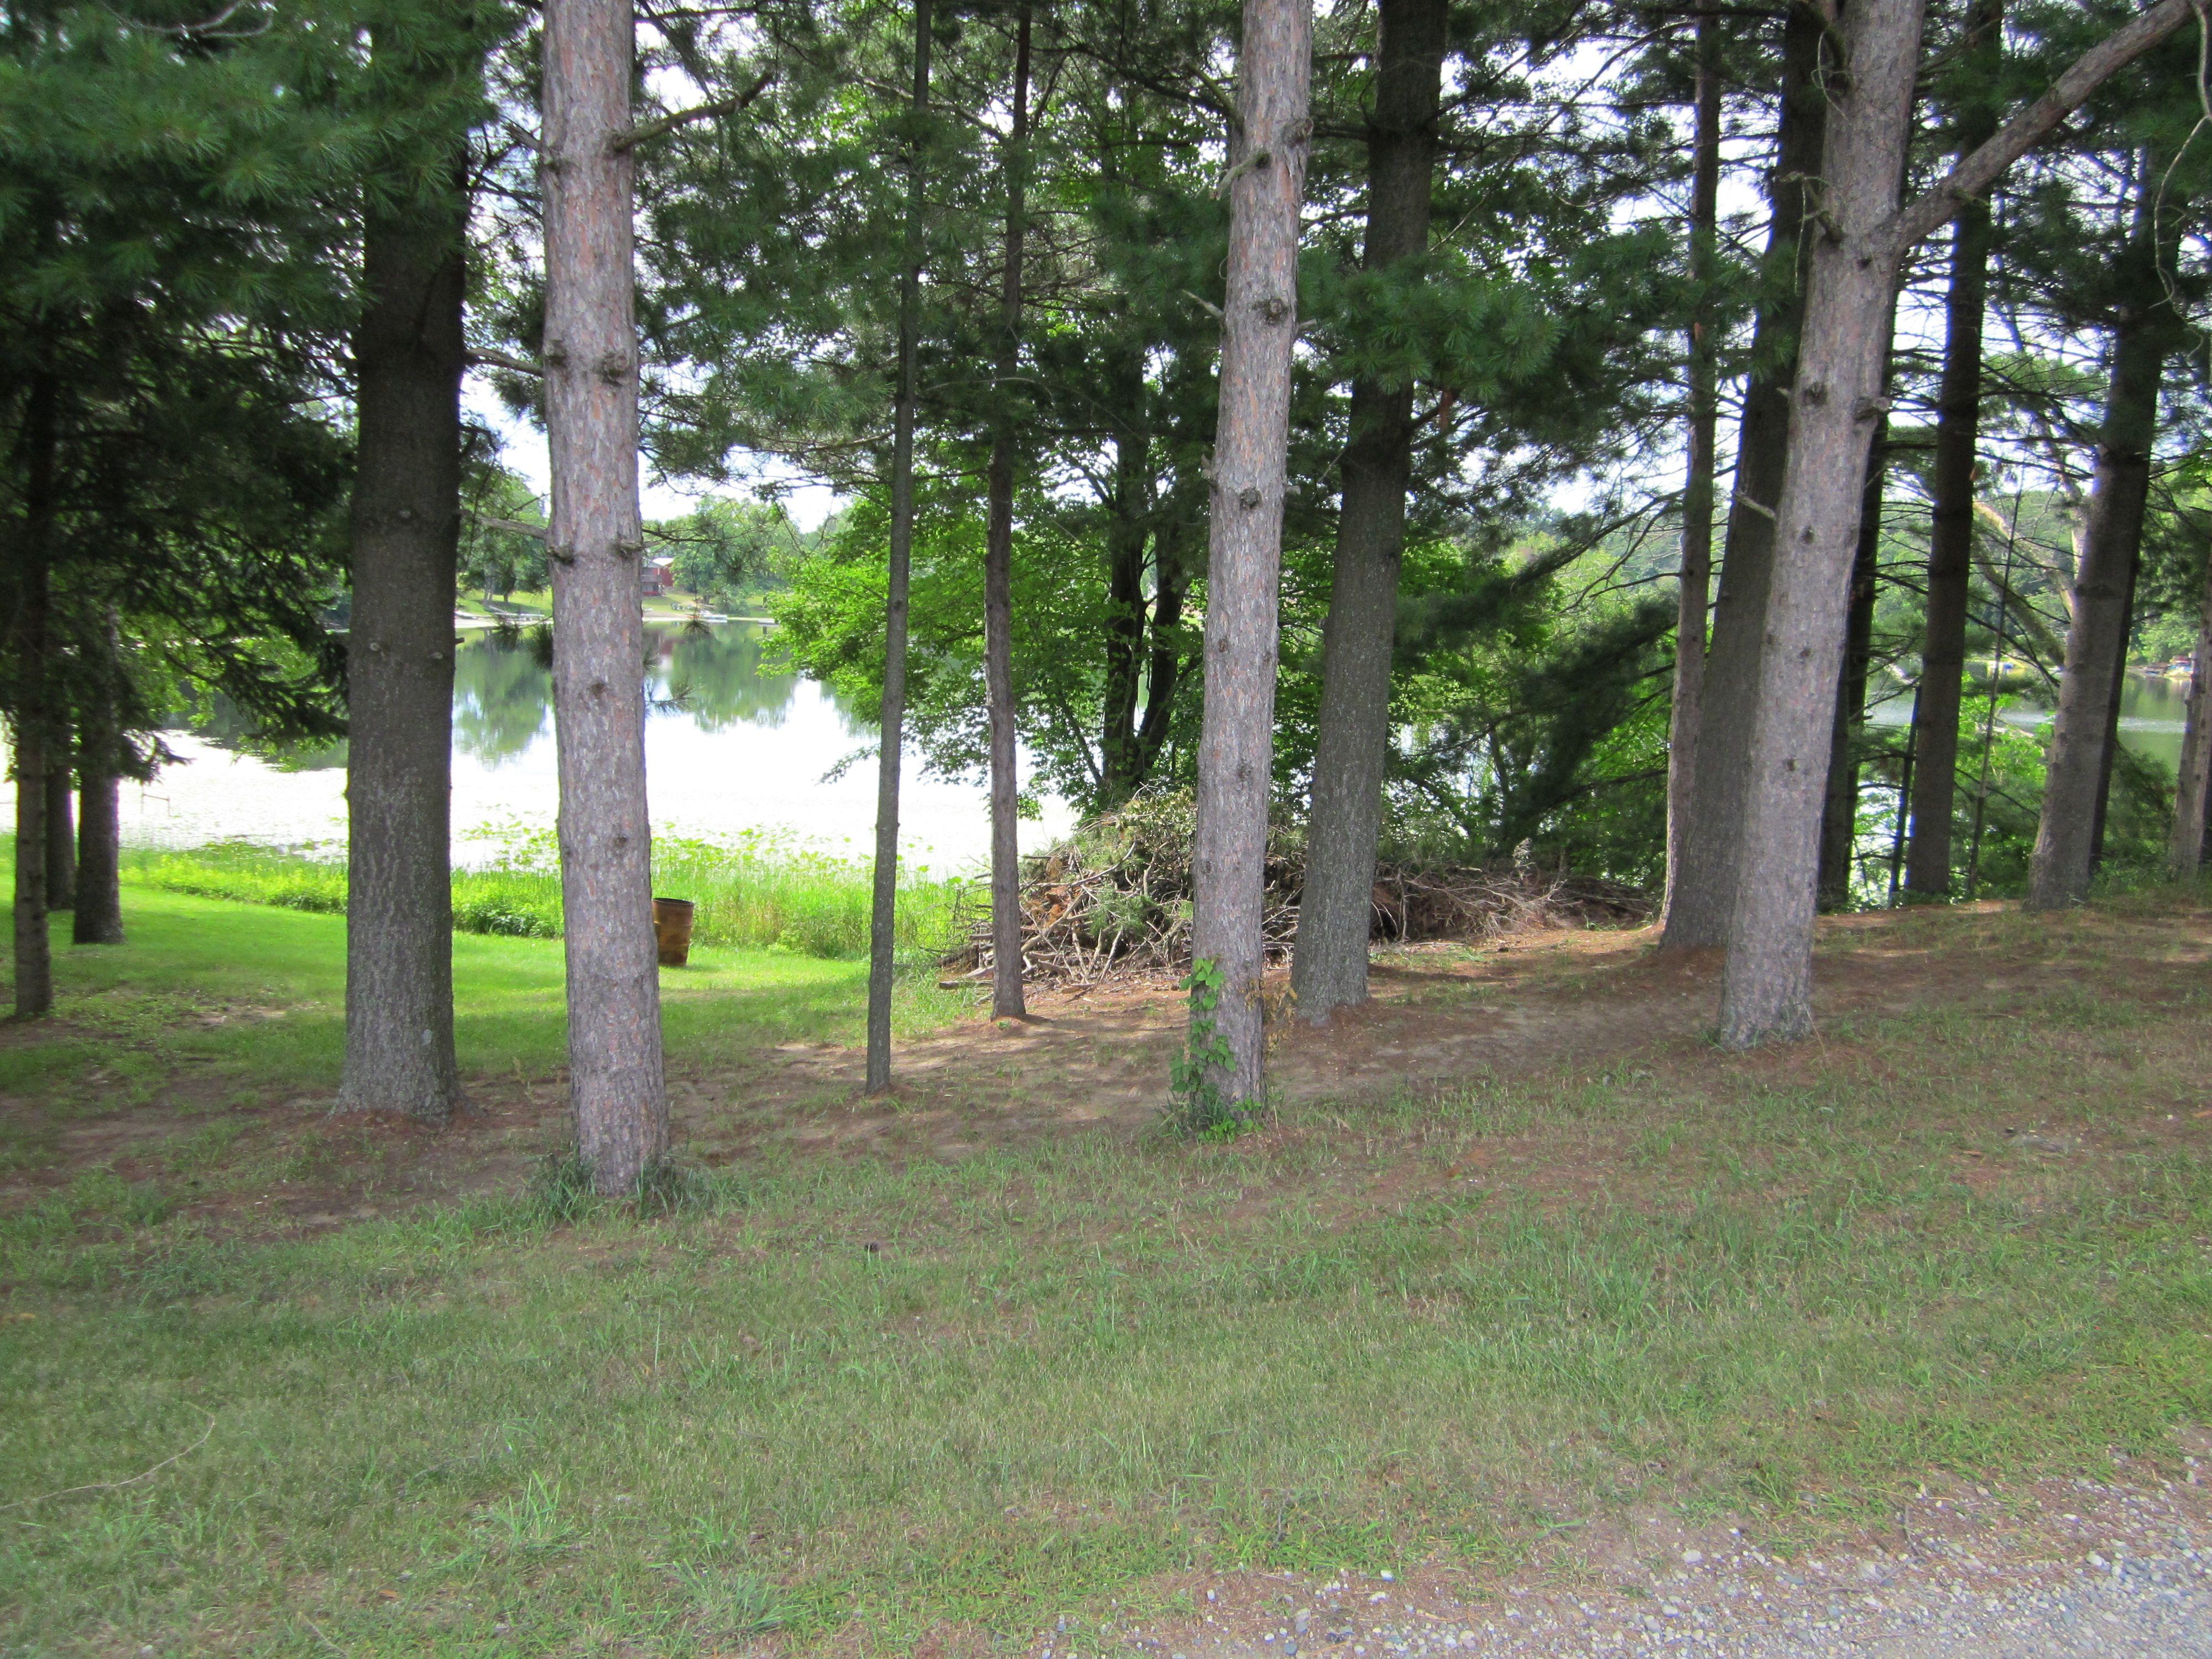 Lake Syl-Van through the pine trees